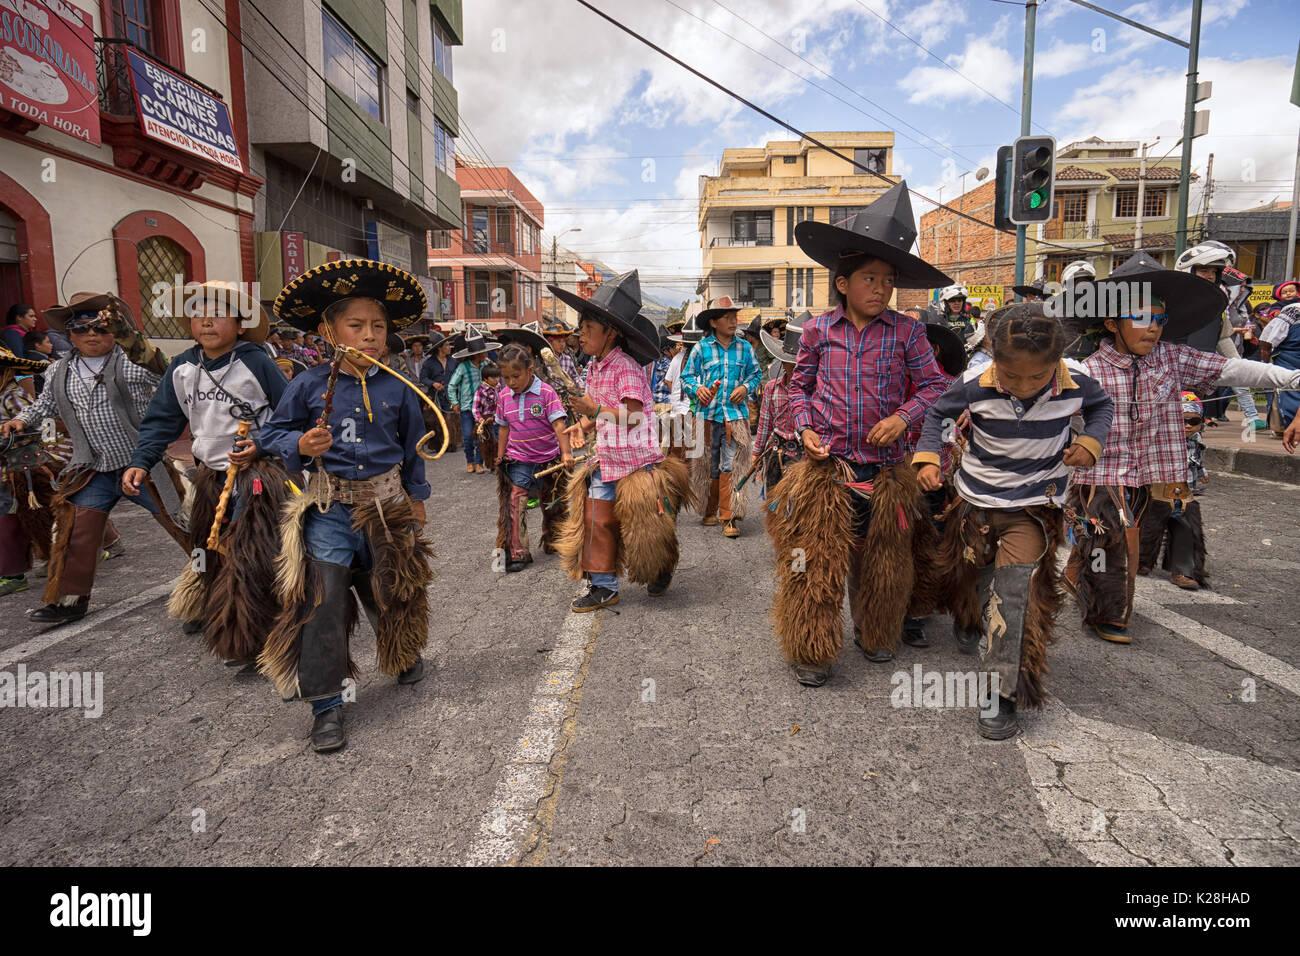 Giugno 25, 2017 Cotacachi, Ecuador indigeni quechua bambini indossare sombreros e chaps danza all'Inti Raymi celebrazioni Immagini Stock